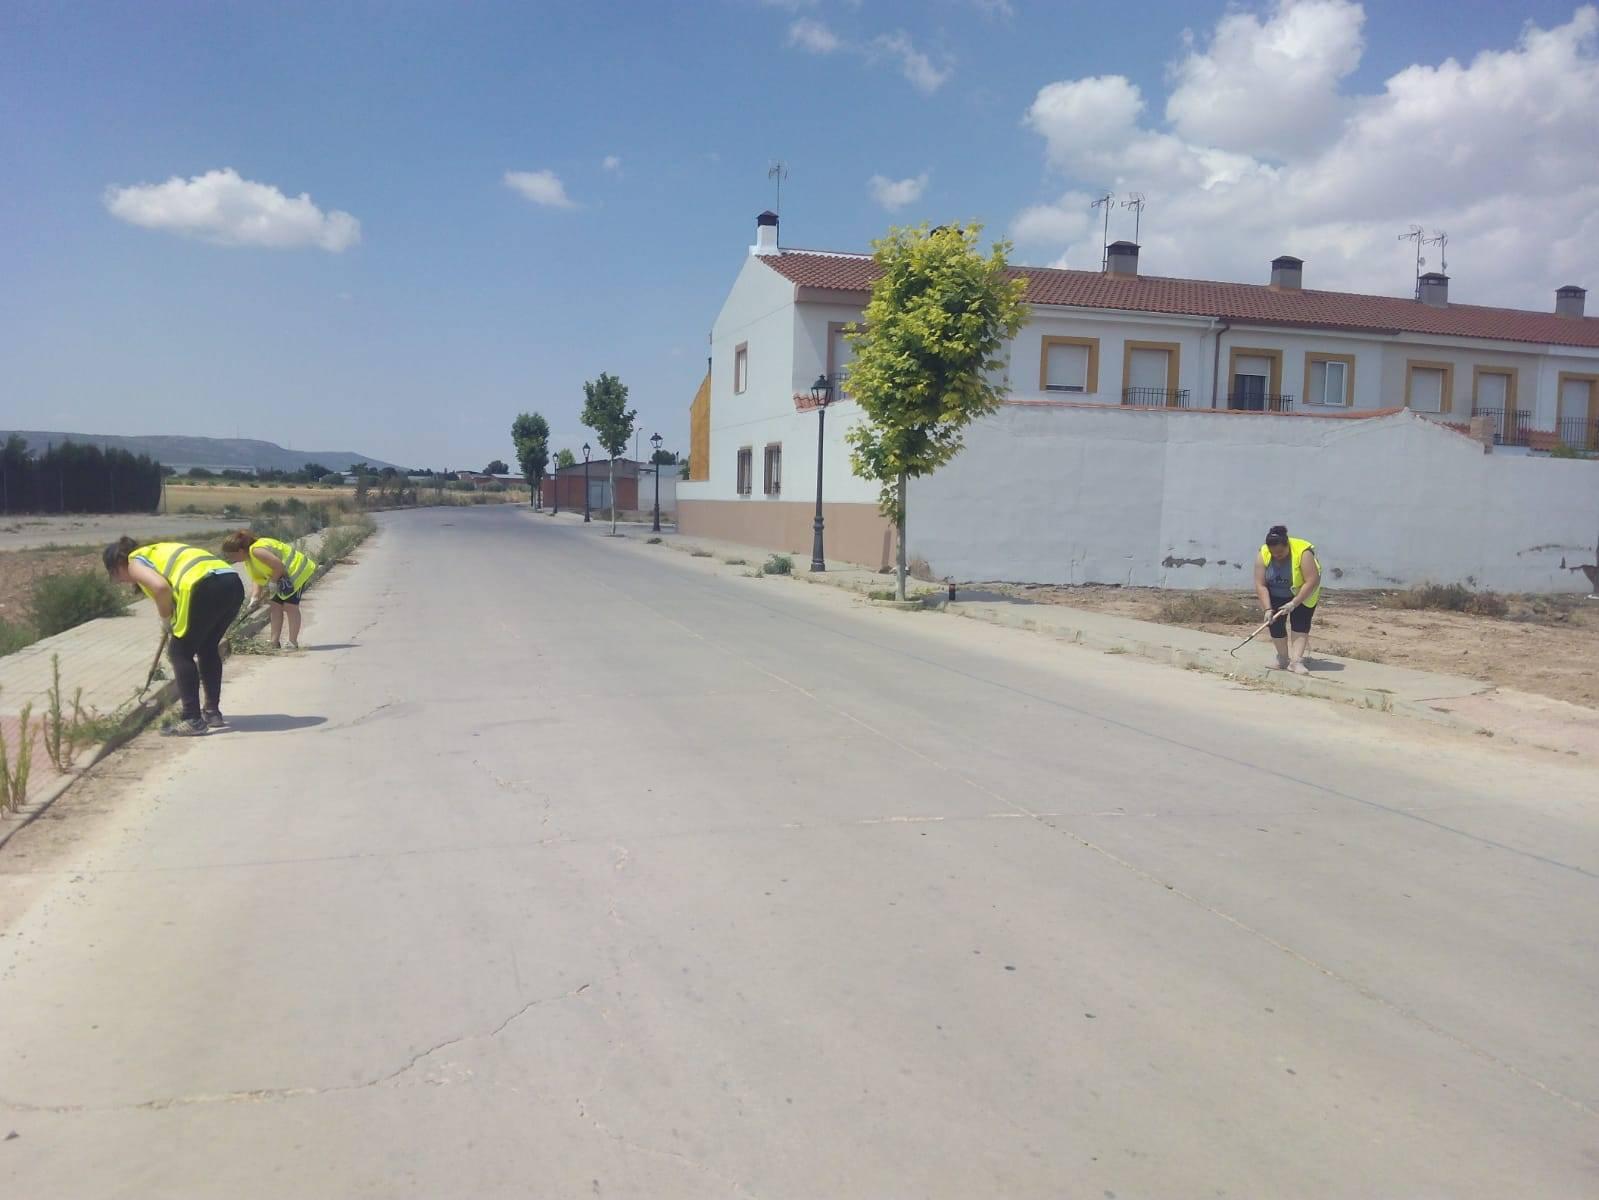 El Ayuntamiento intensifica la limpieza de calles y zonas verdes 4 - El Ayuntamiento intensifica la limpieza de calles y zonas verdes